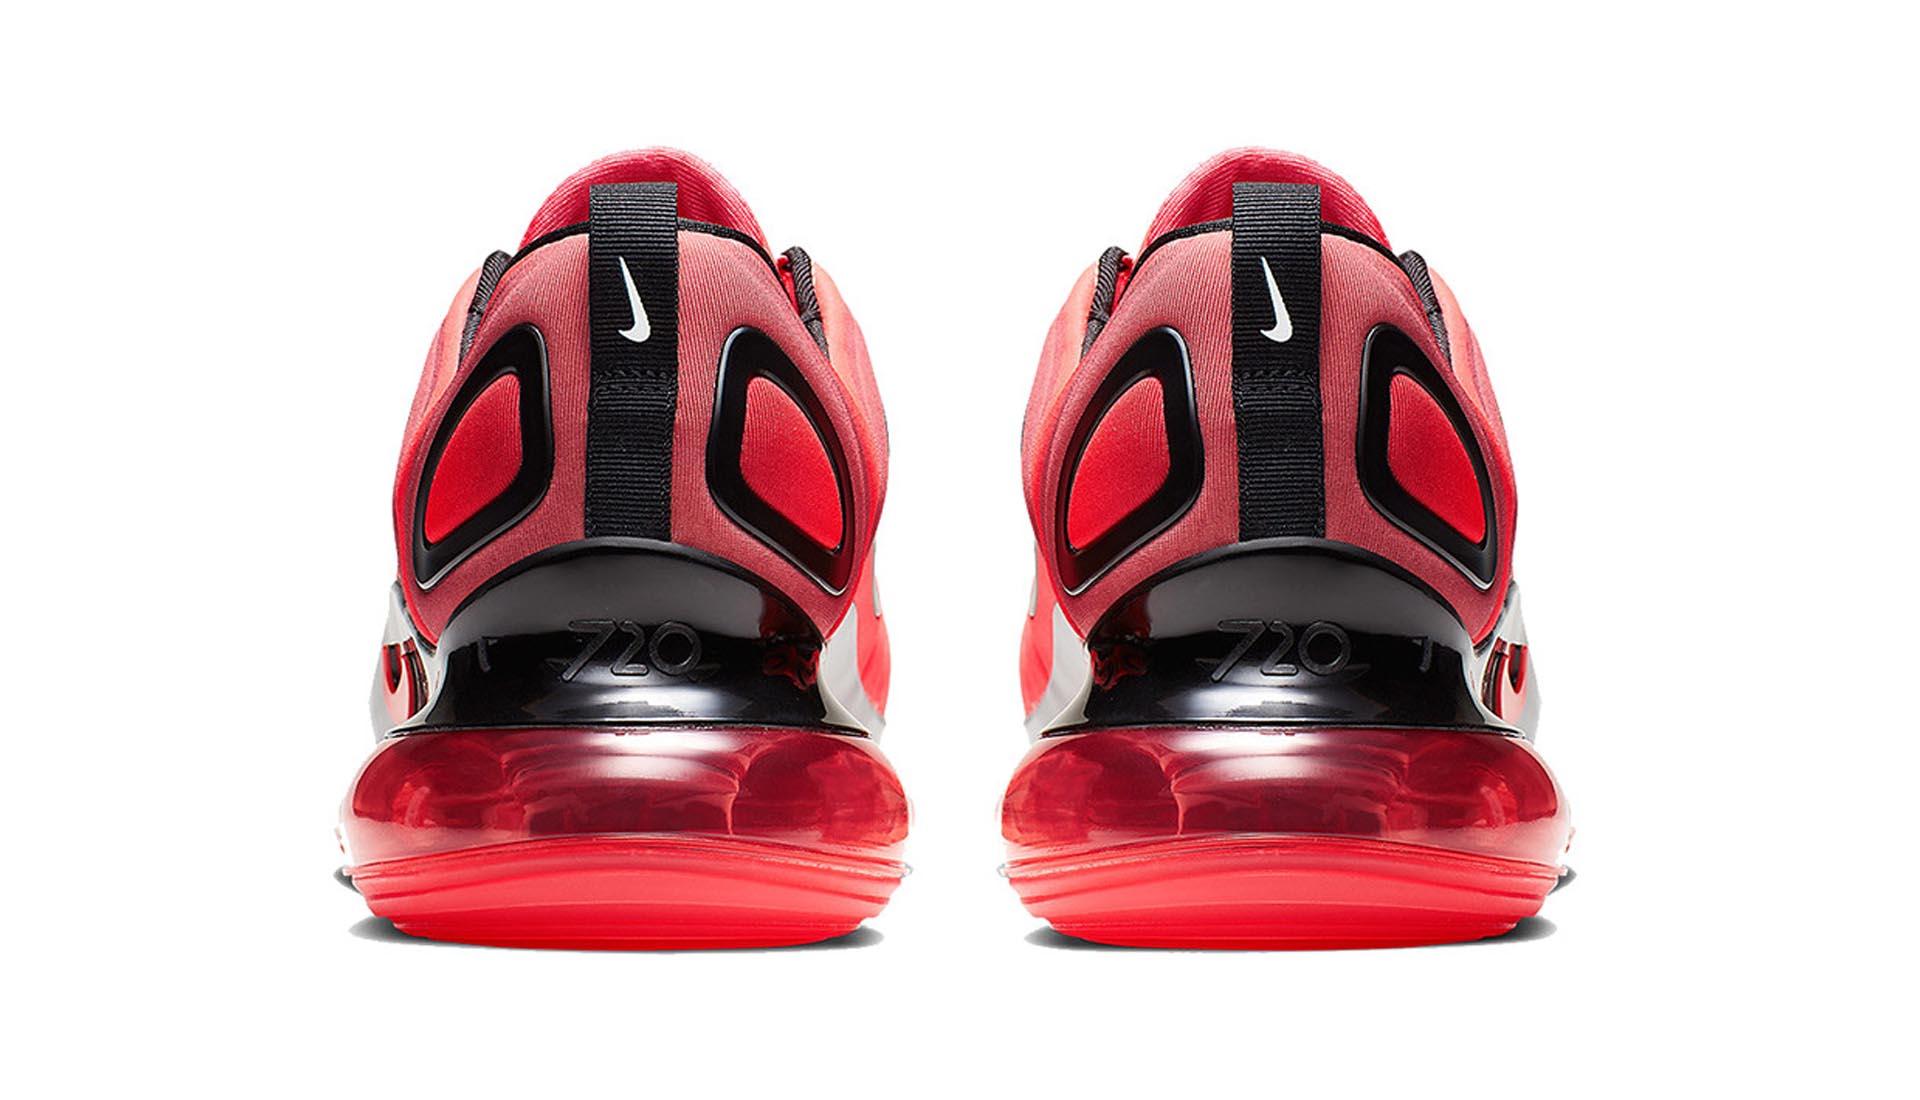 6105f76df9e6 Nike Air Max 720 Gets A